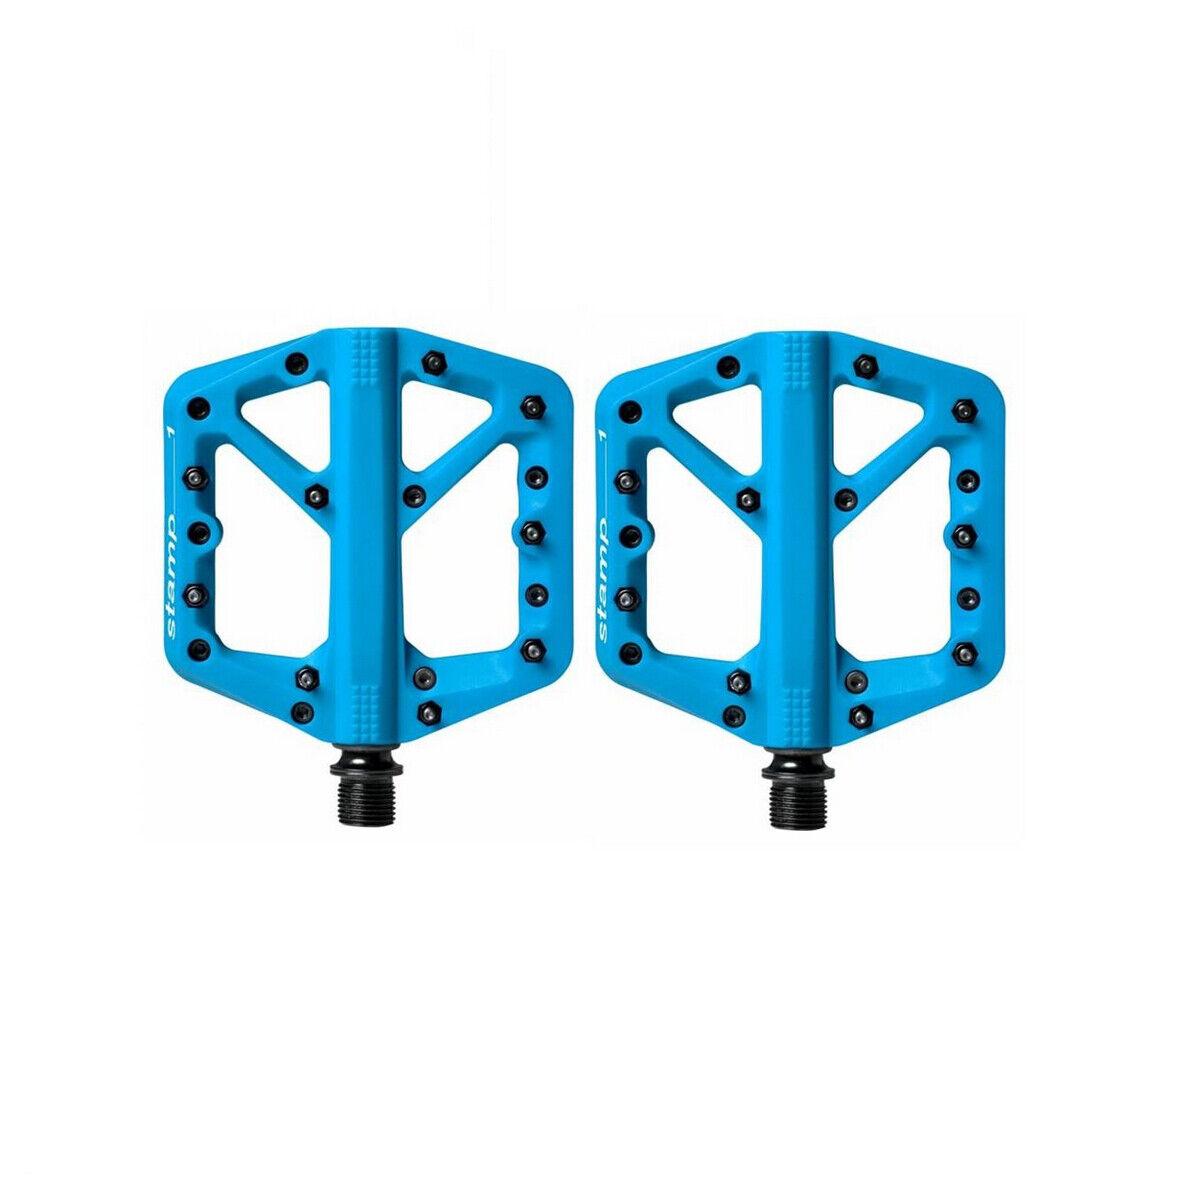 Coppia pedali stamp 1 smtutti blu CB16272 Crank Brossohers flat bici pedali